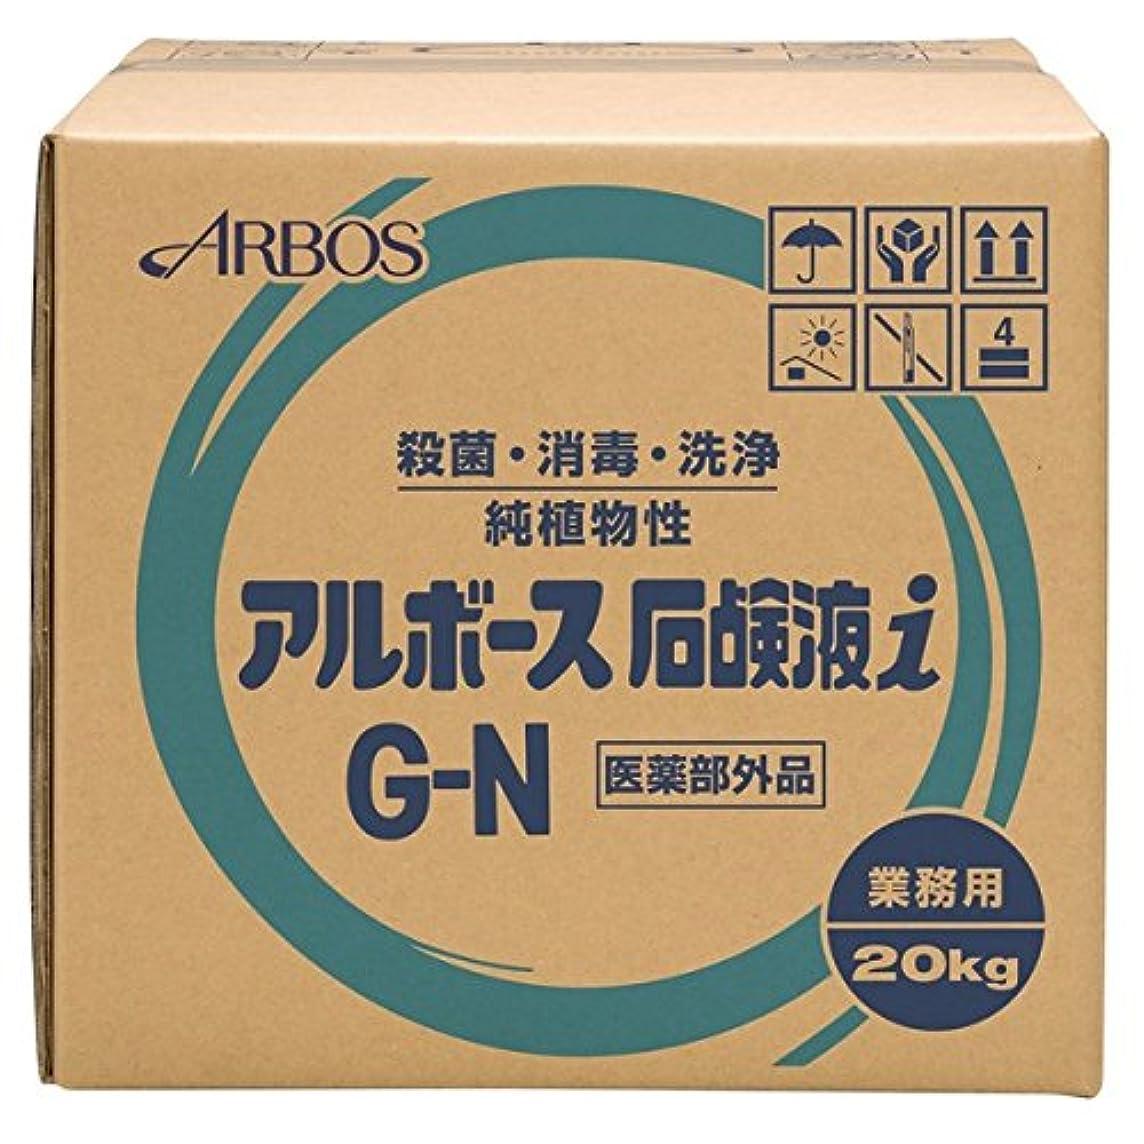 噂管理する霧アルボース 薬用ハンドソープ アルボース石鹸液i G-N 濃縮タイプ 20kg